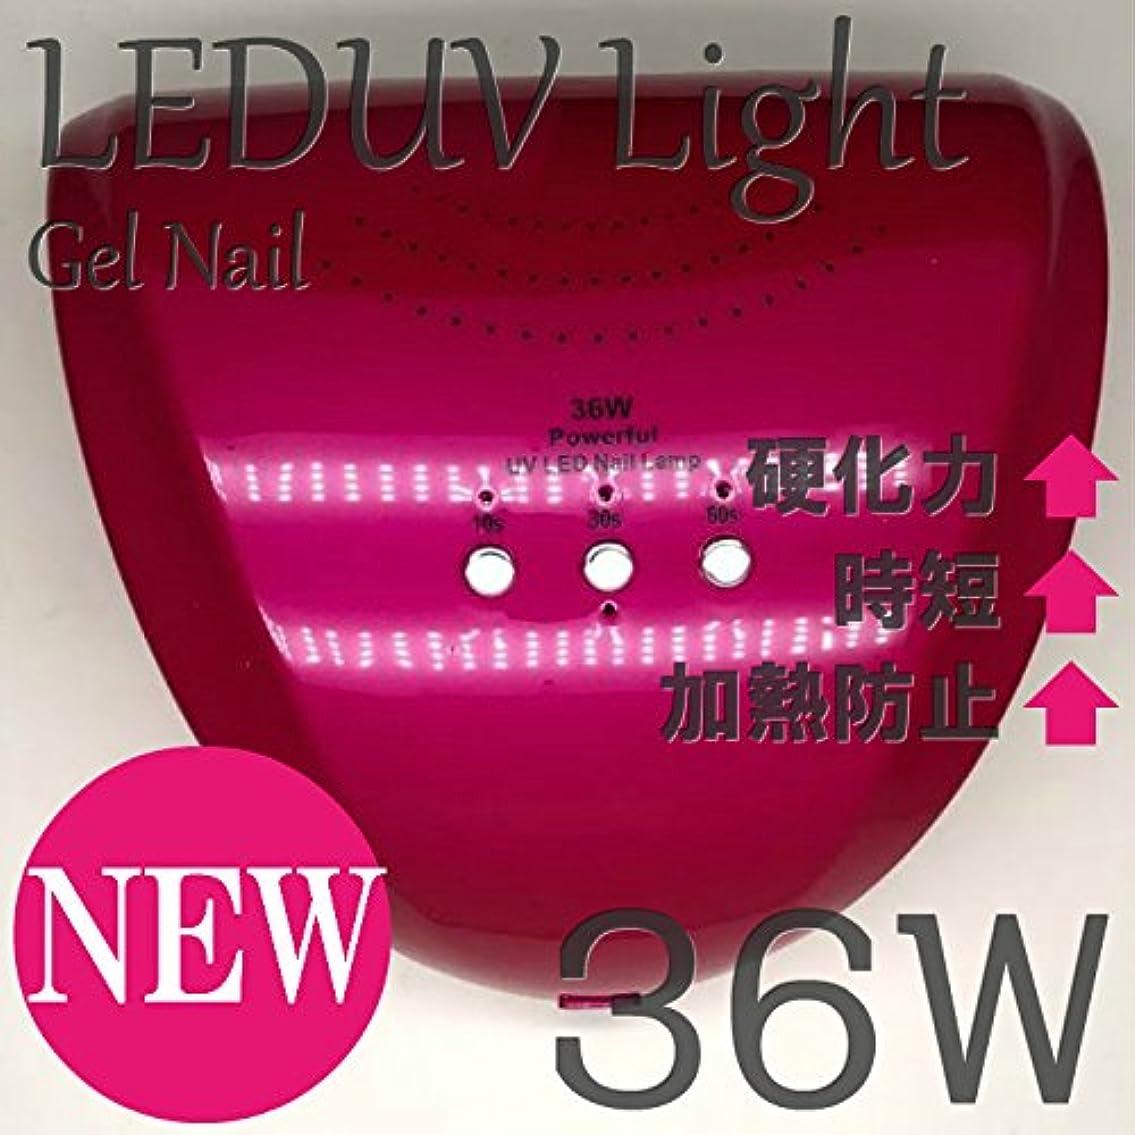 マスタードに対応する小間ジェルネイル LEDライト 36W 【全6色】自動センサー付 【6か月保証付】レジン (ShockingPink)